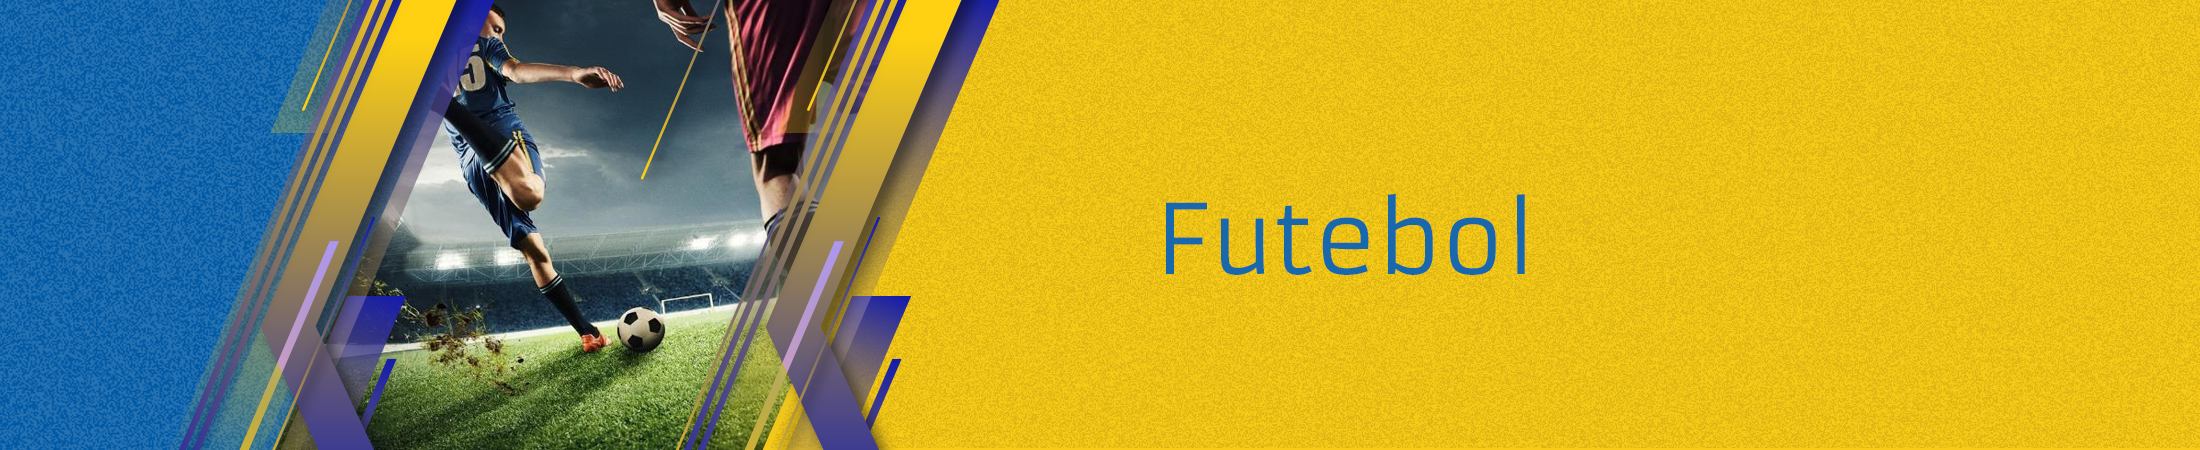 Subcategoria - futebol